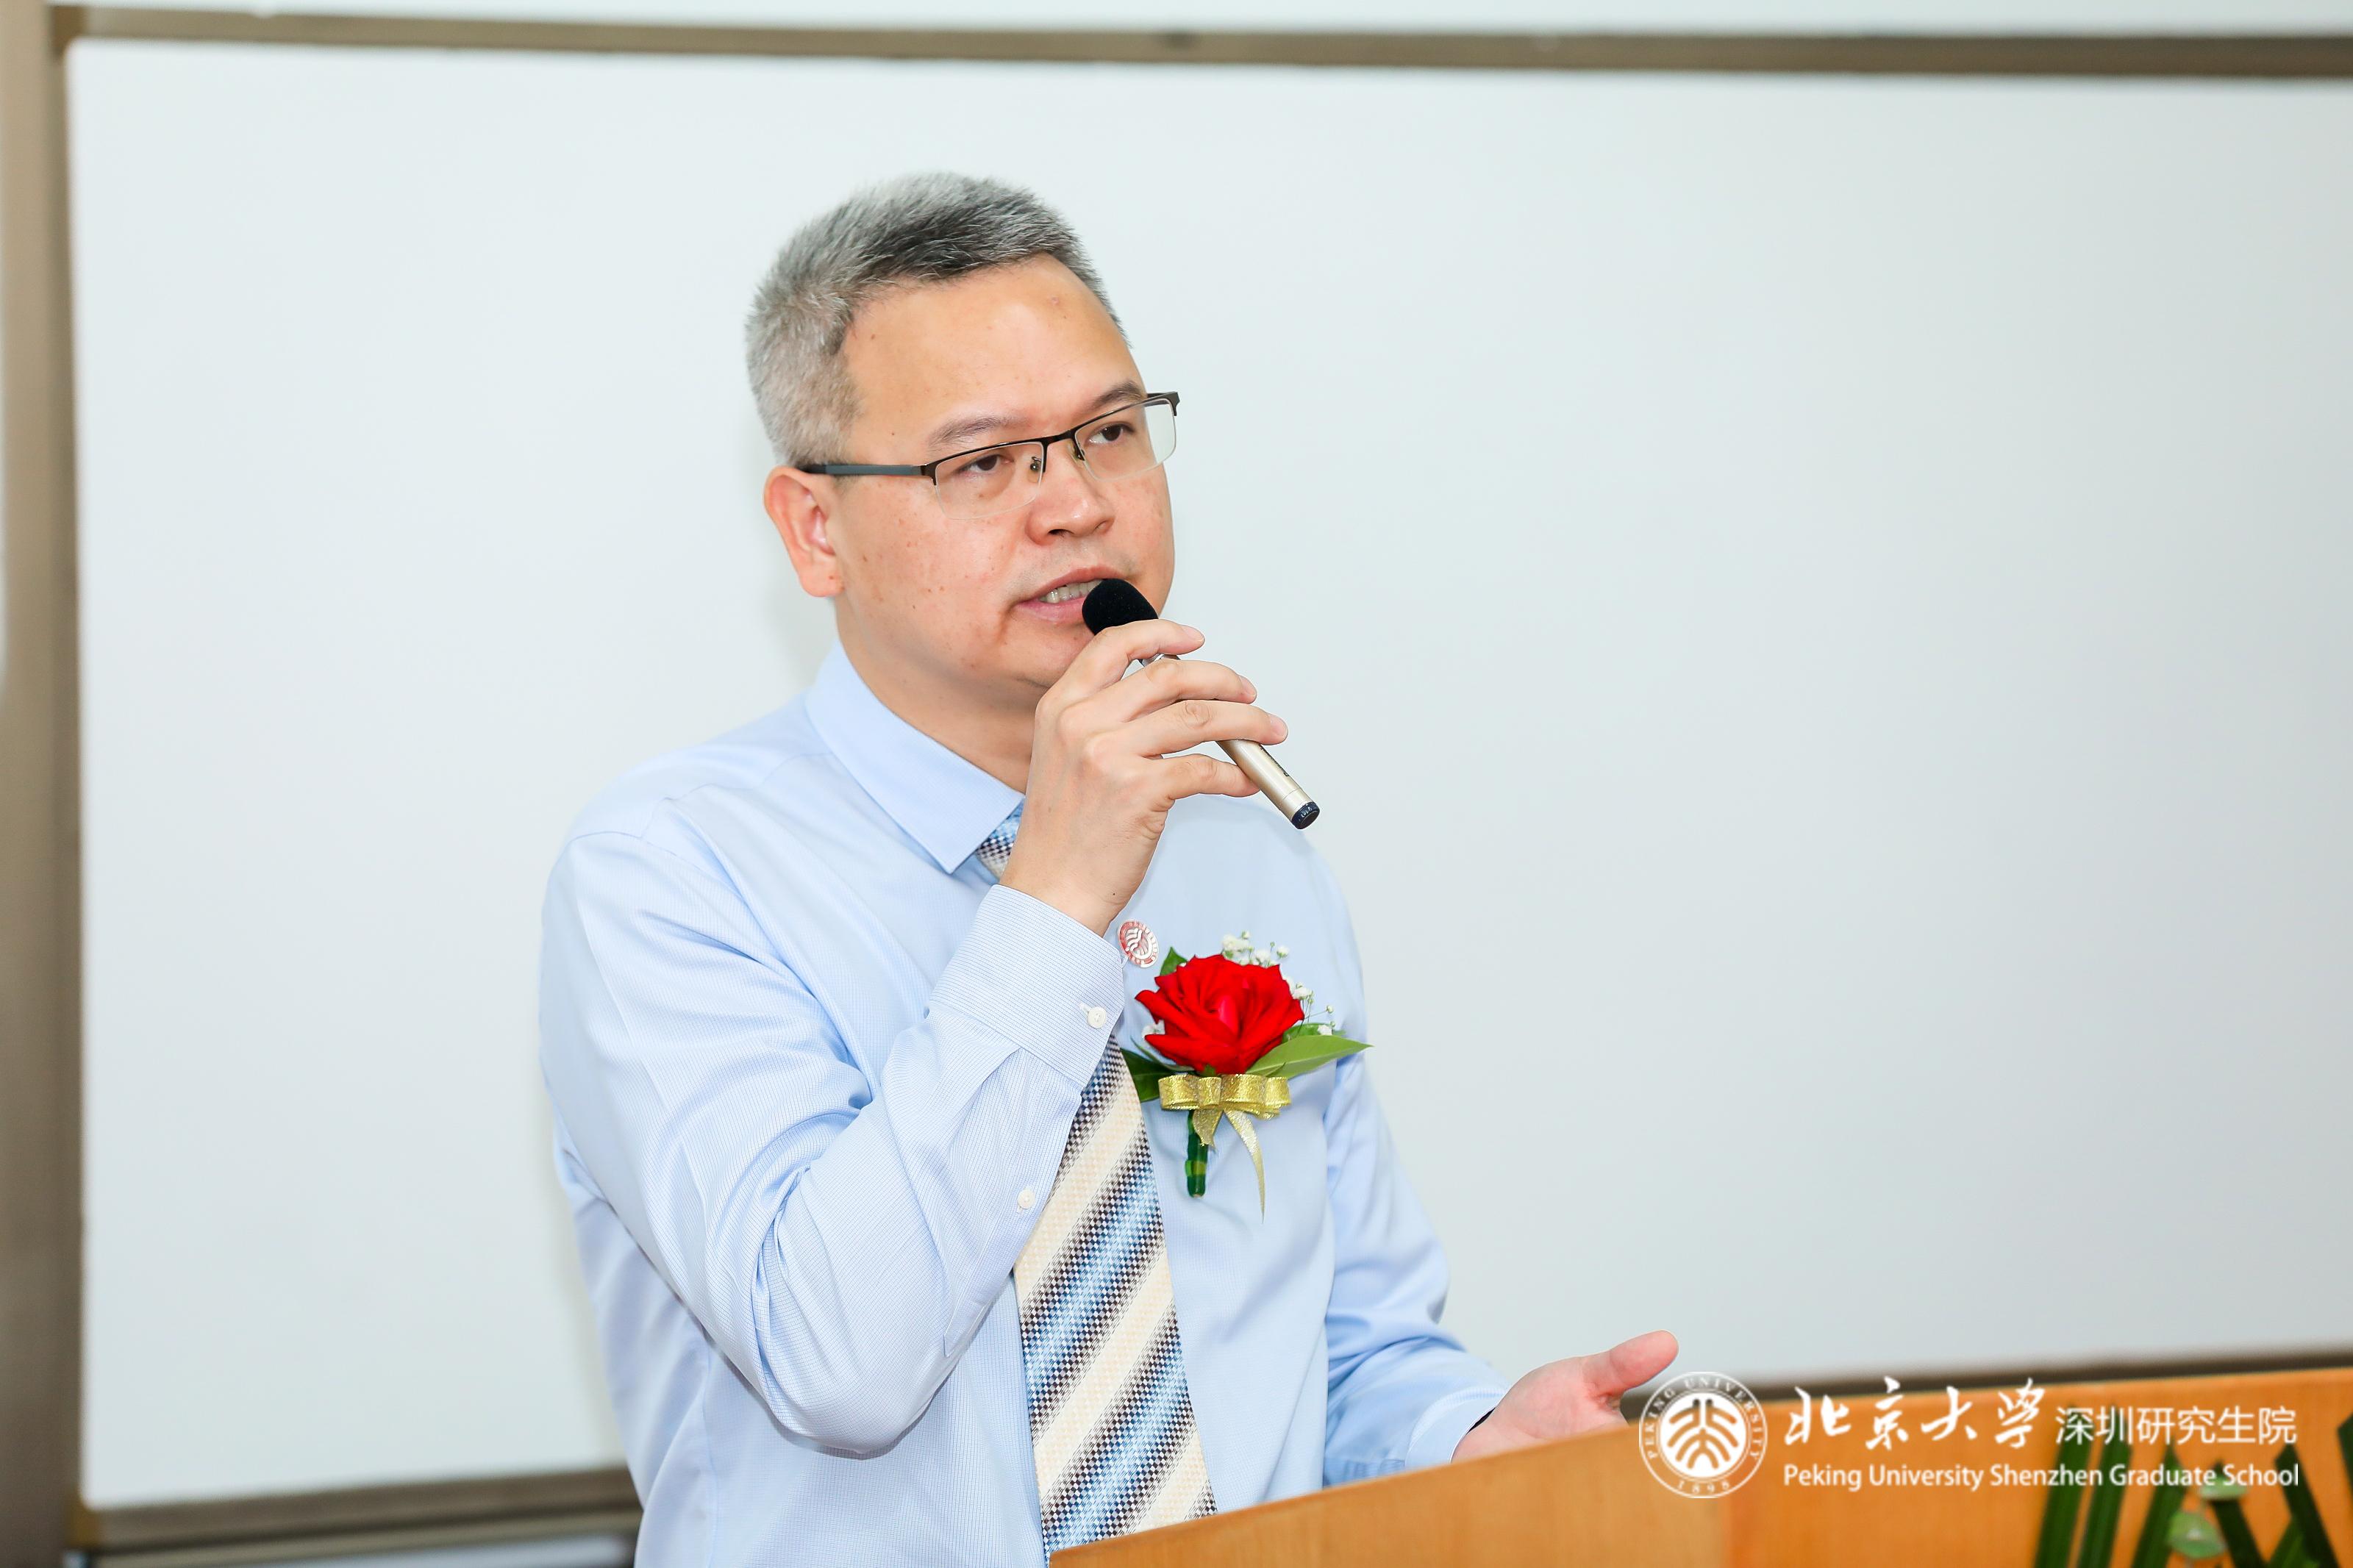 「开学典礼回顾」北京大学工商管理E2002班开学典礼圆满成功